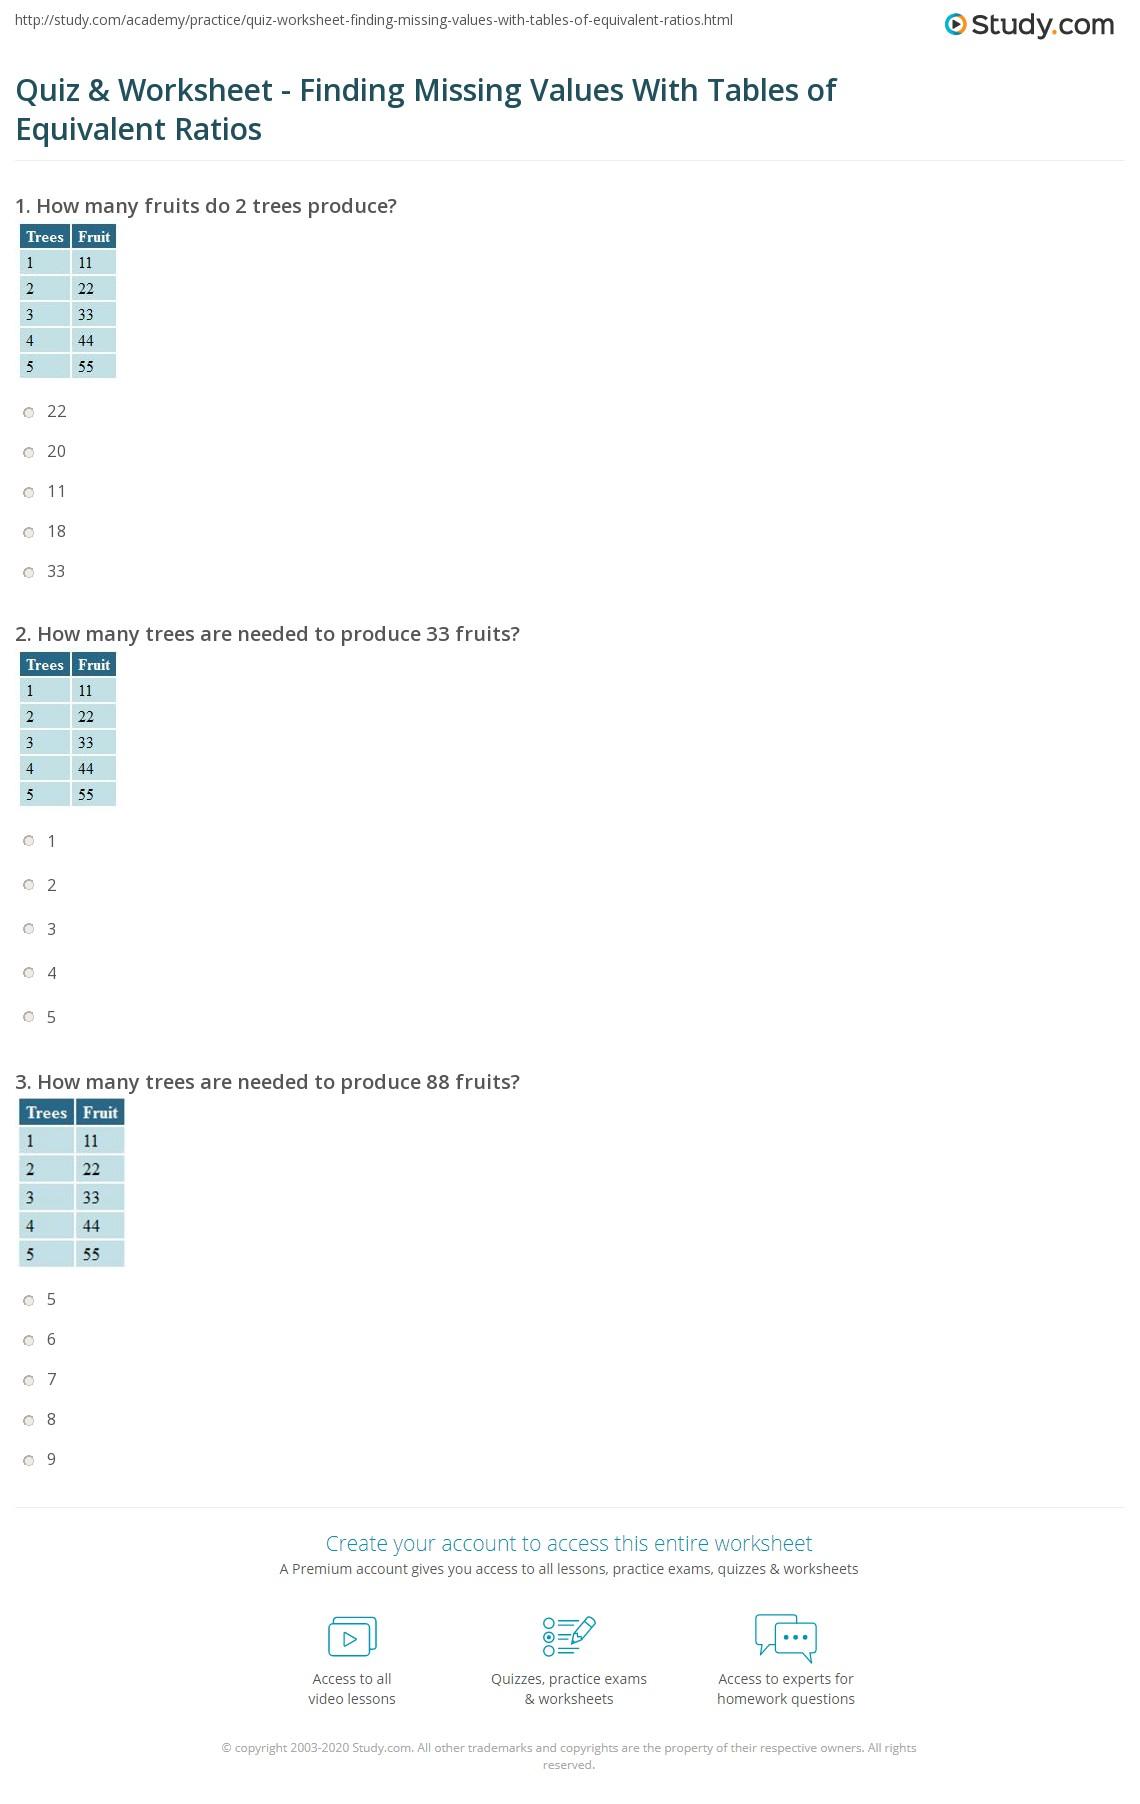 Quiz & Worksheet - Equivalent Ratios | Study.com